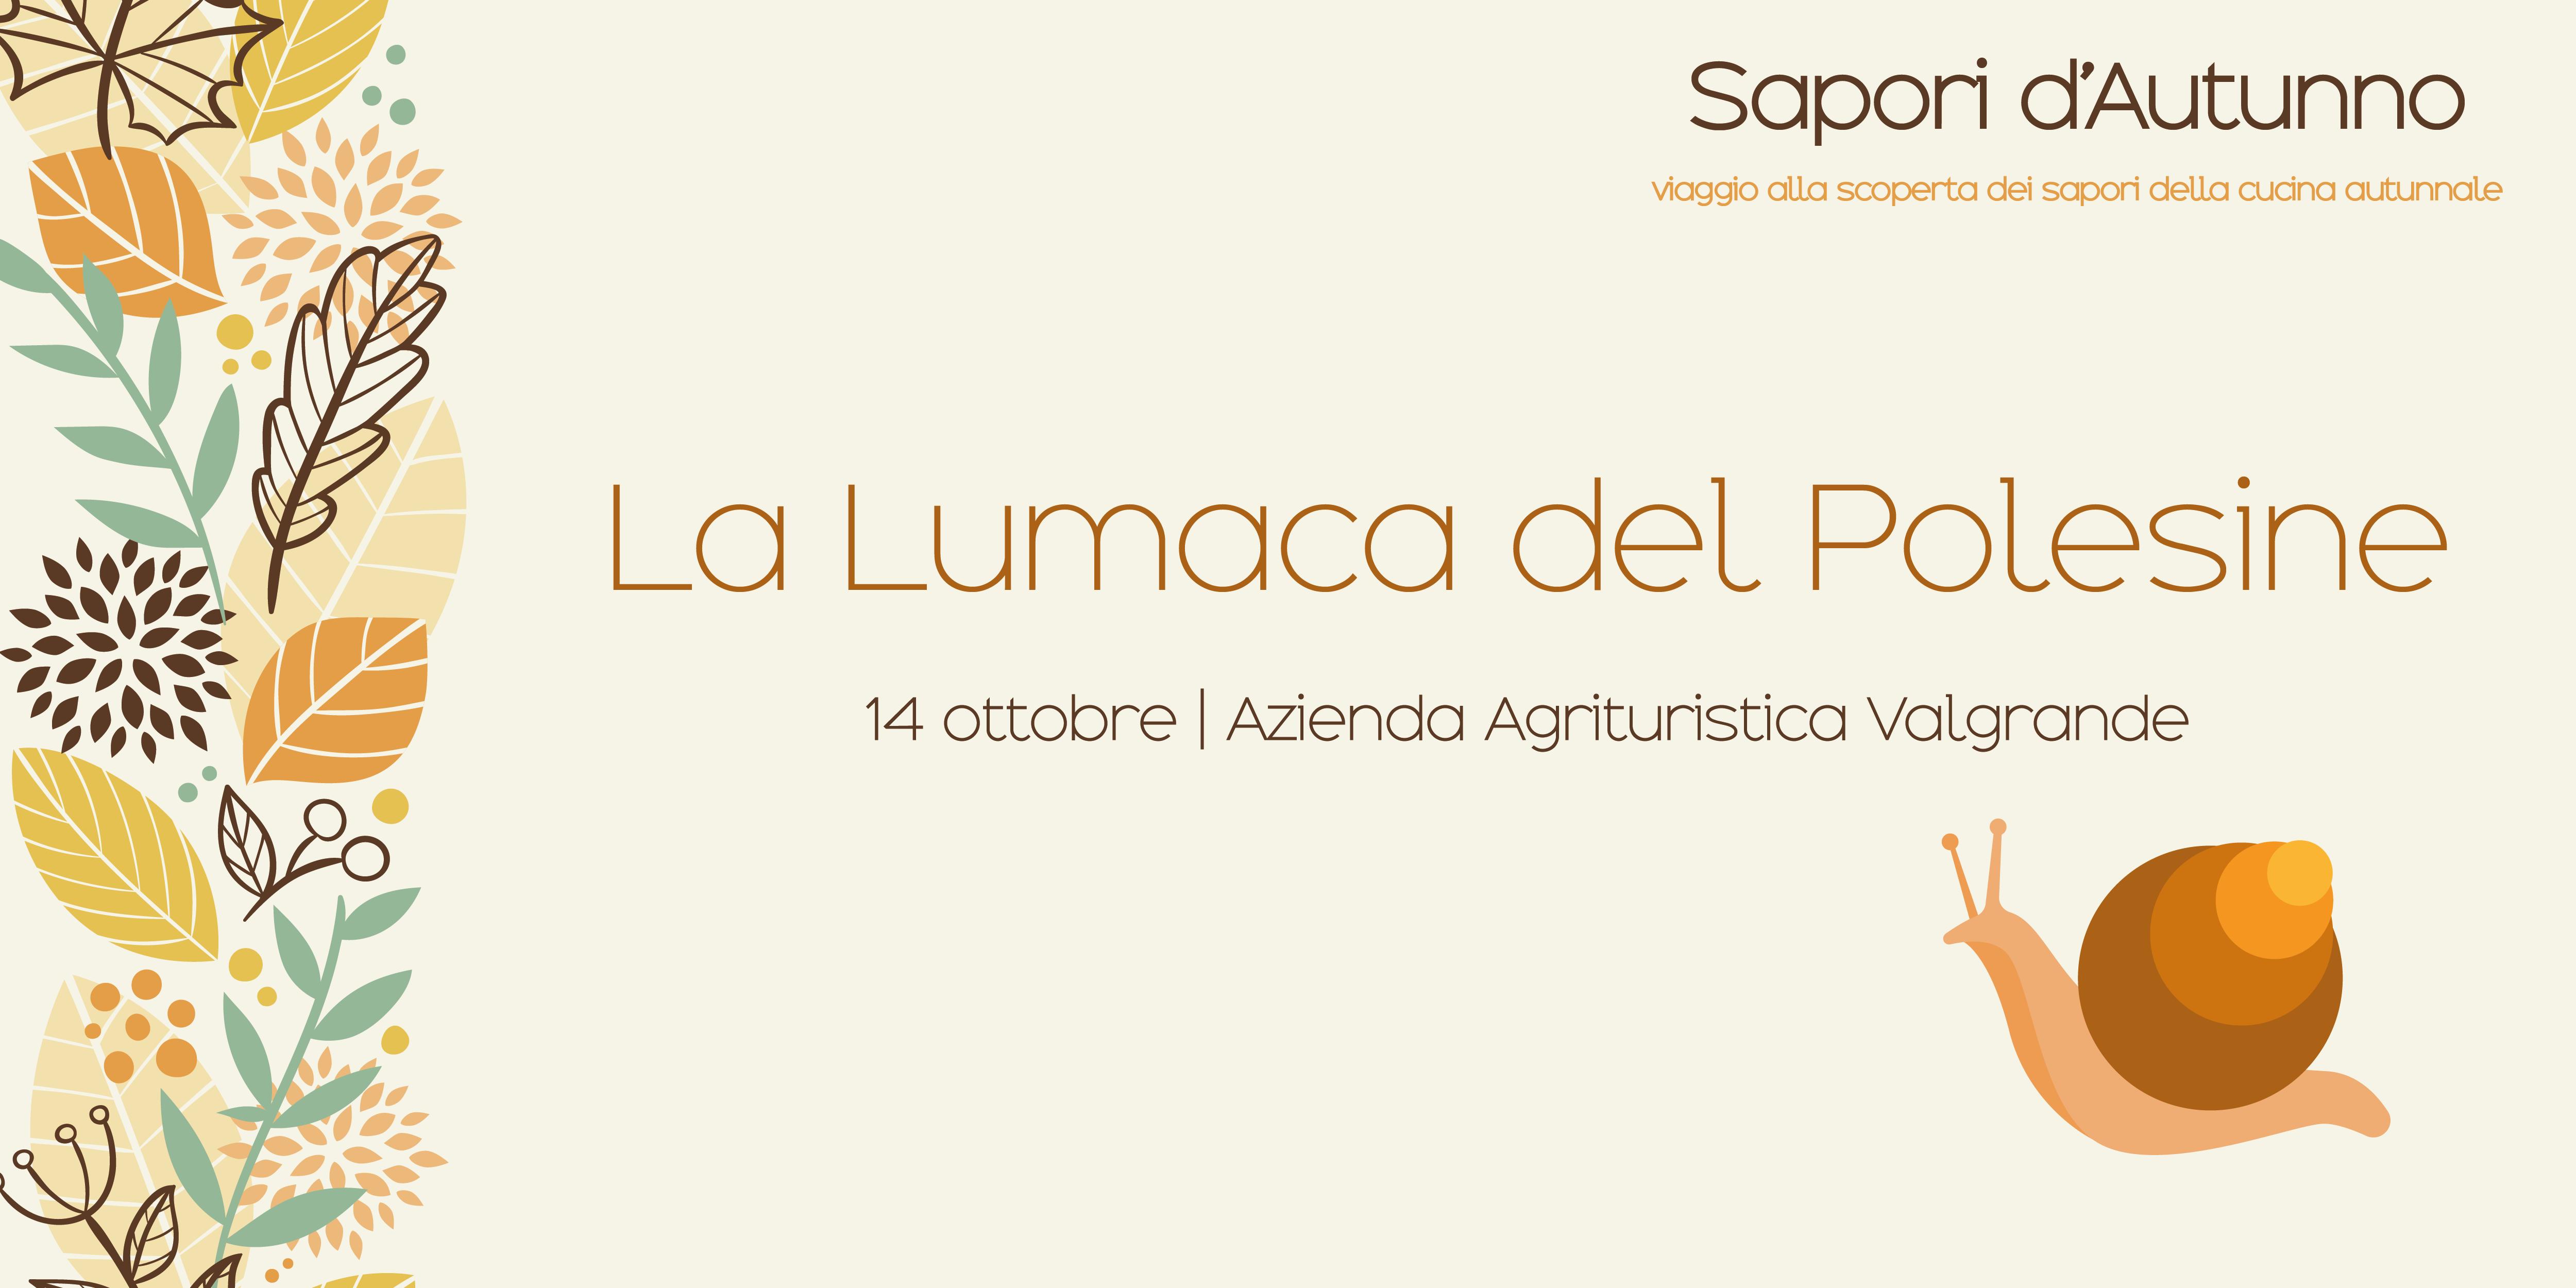 La Lumaca del Polesine – Sapori d'autunno